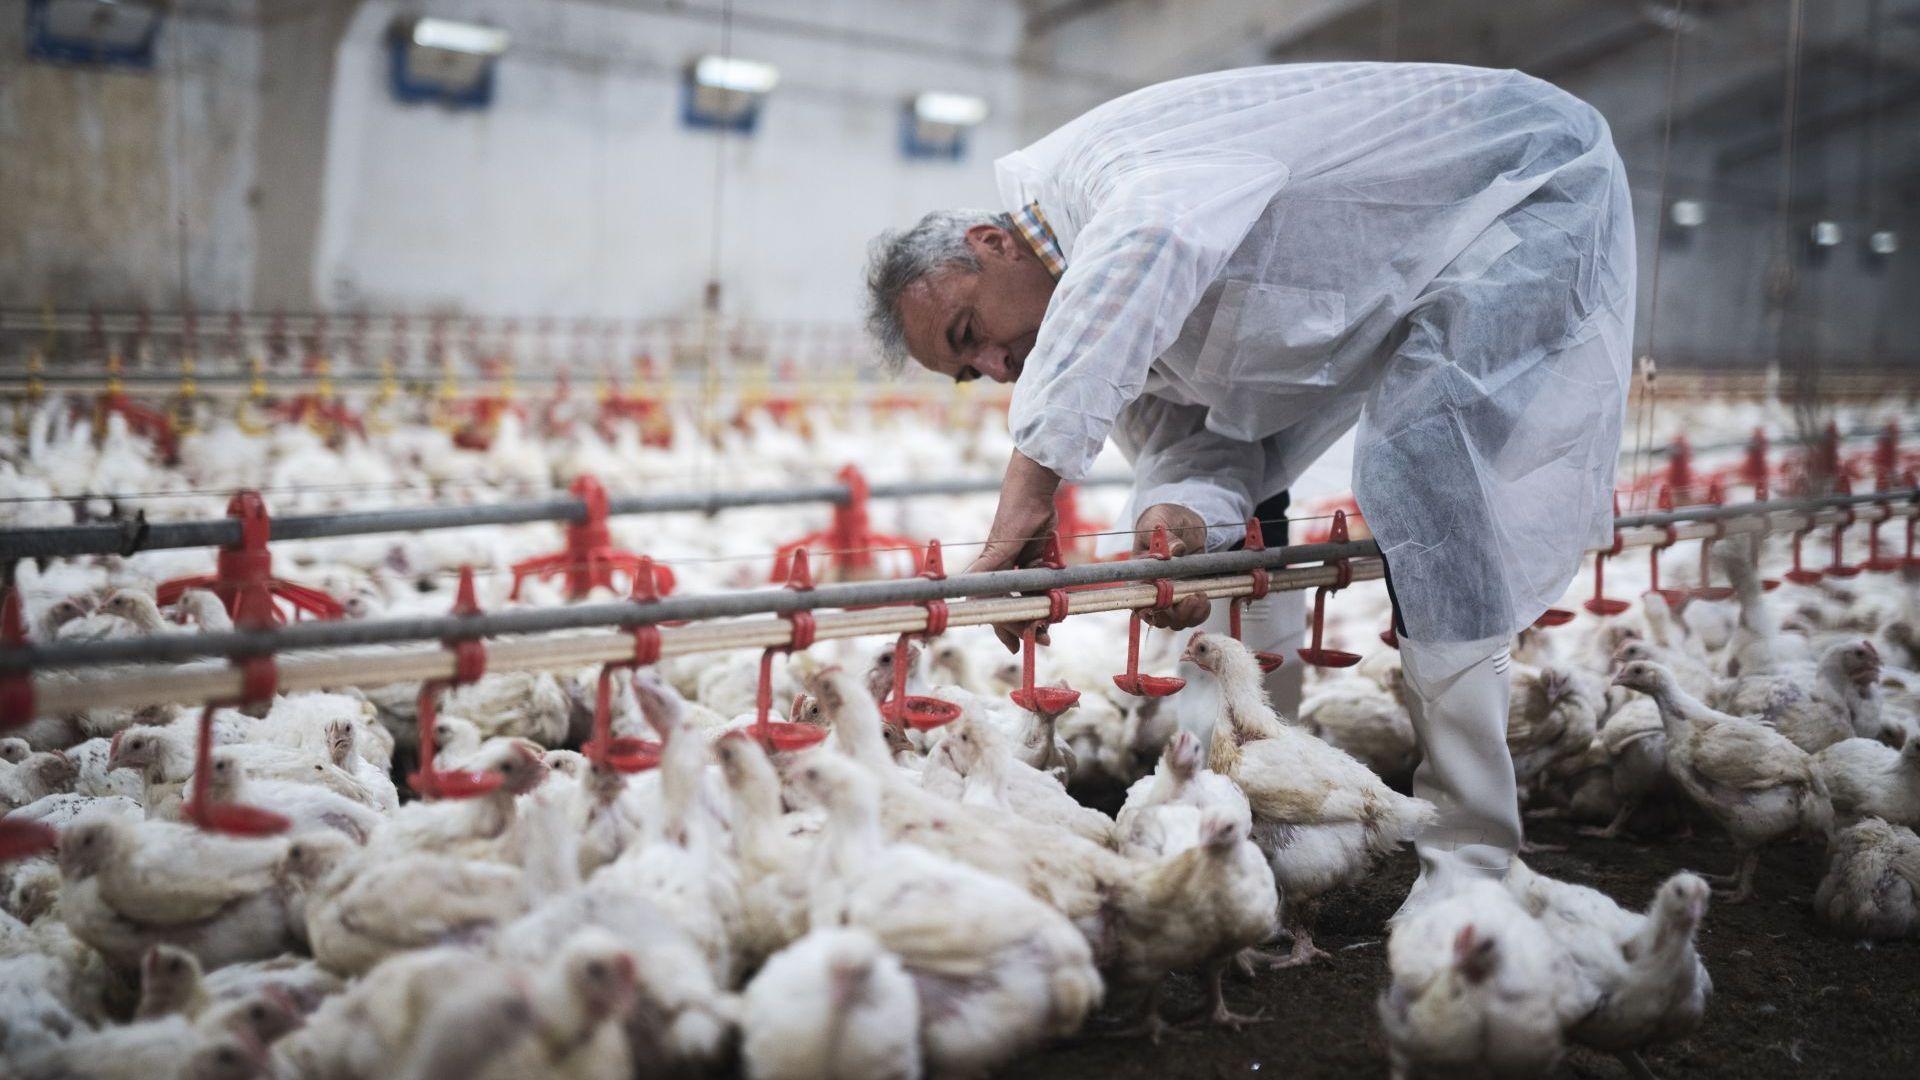 Унищожават близо 100 хил. птици в Славяново заради птичи грип